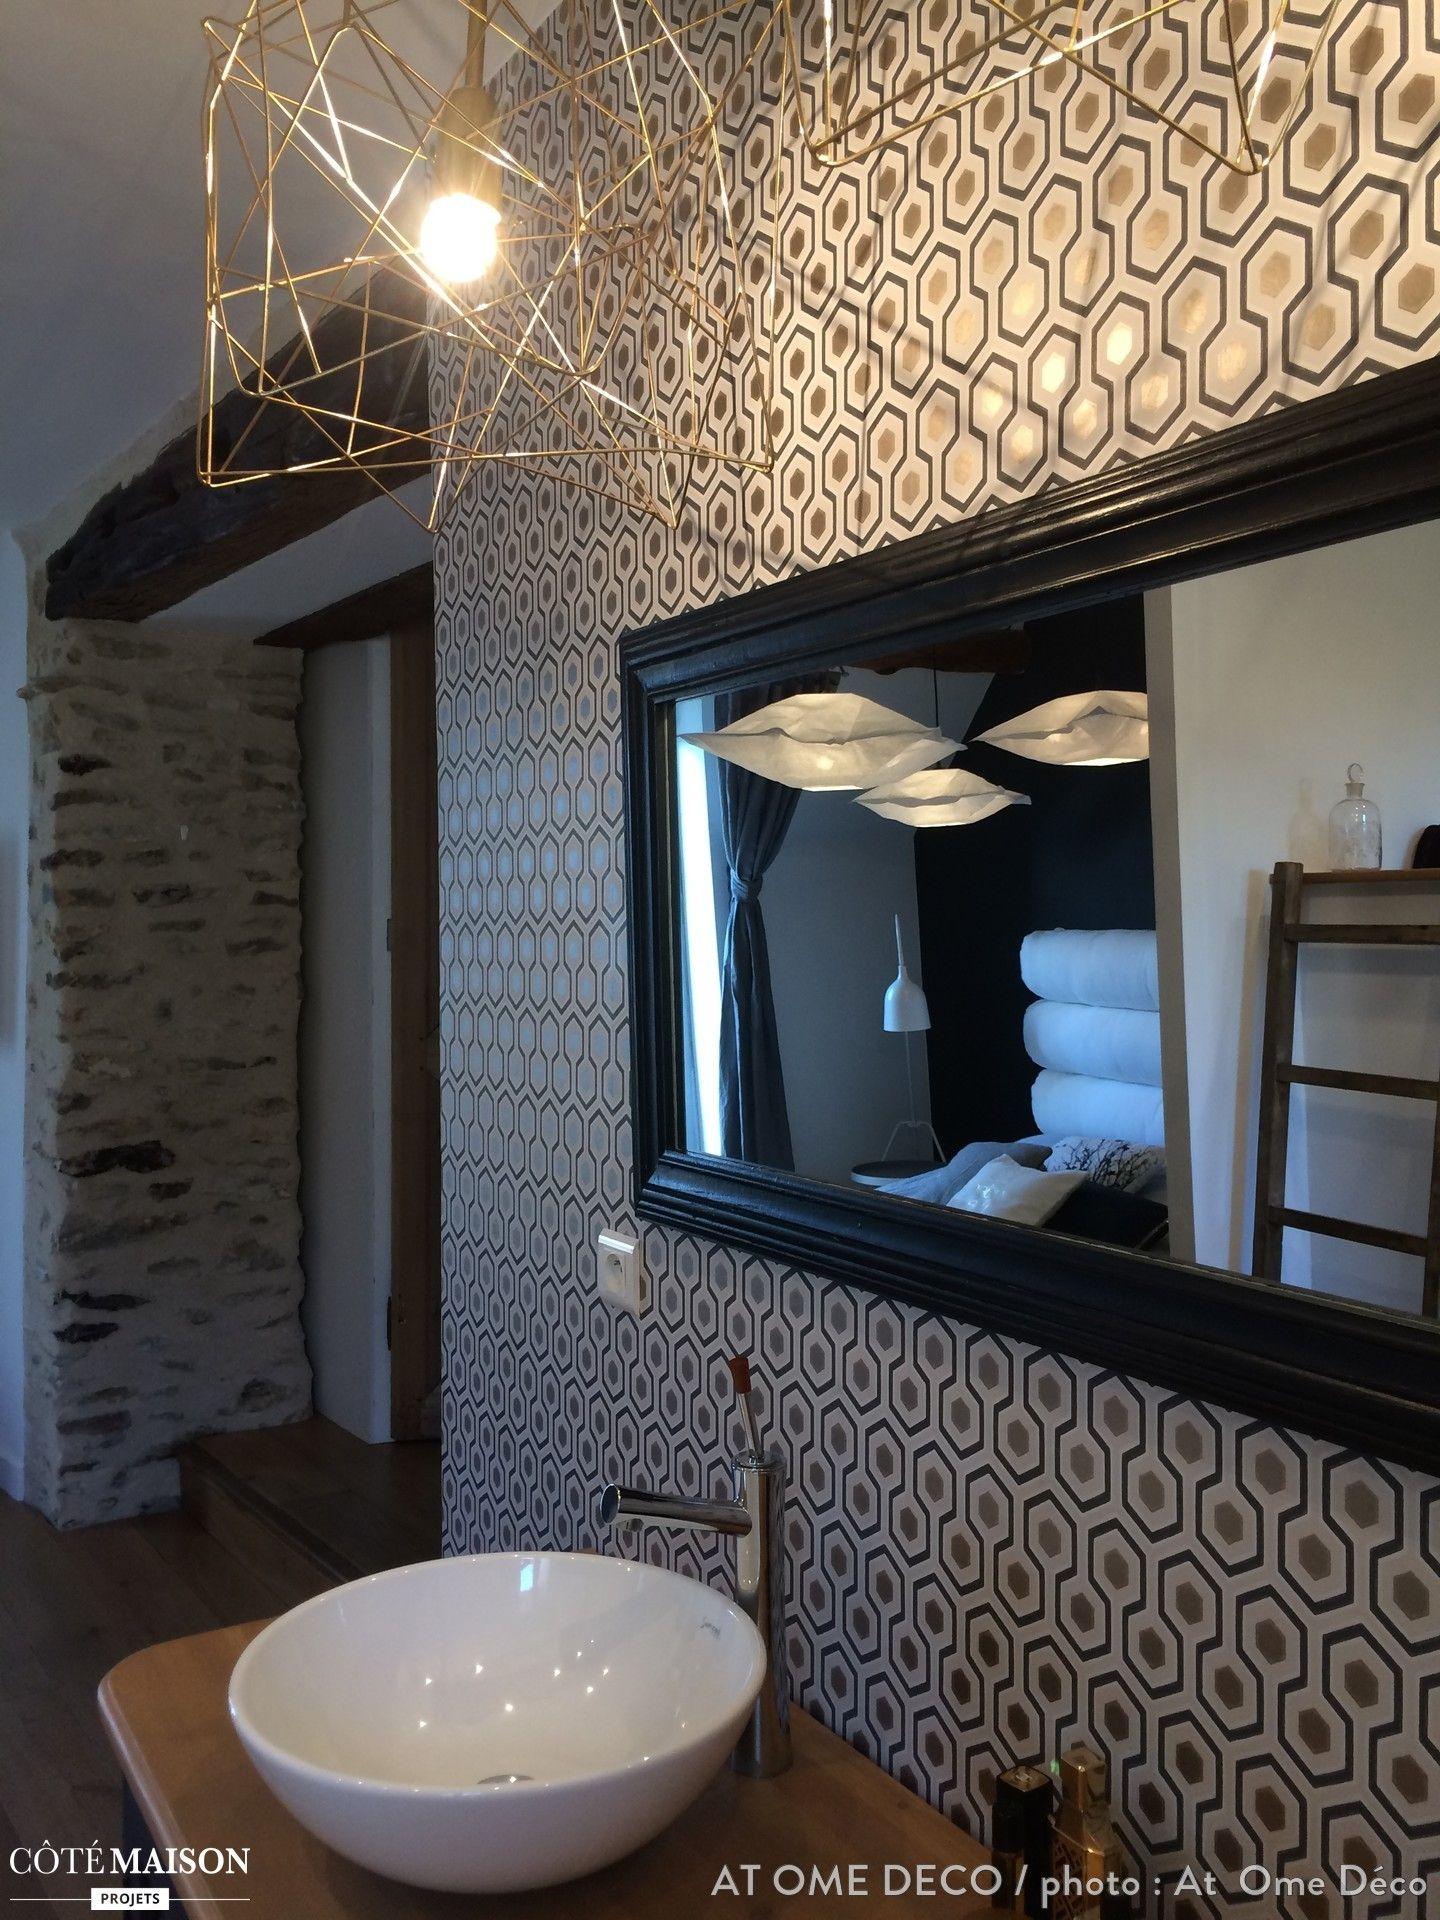 Decoration Salle De Bain Papier Peint ~ le coin lavabo d une salle de bains dont les murs sont habill s de